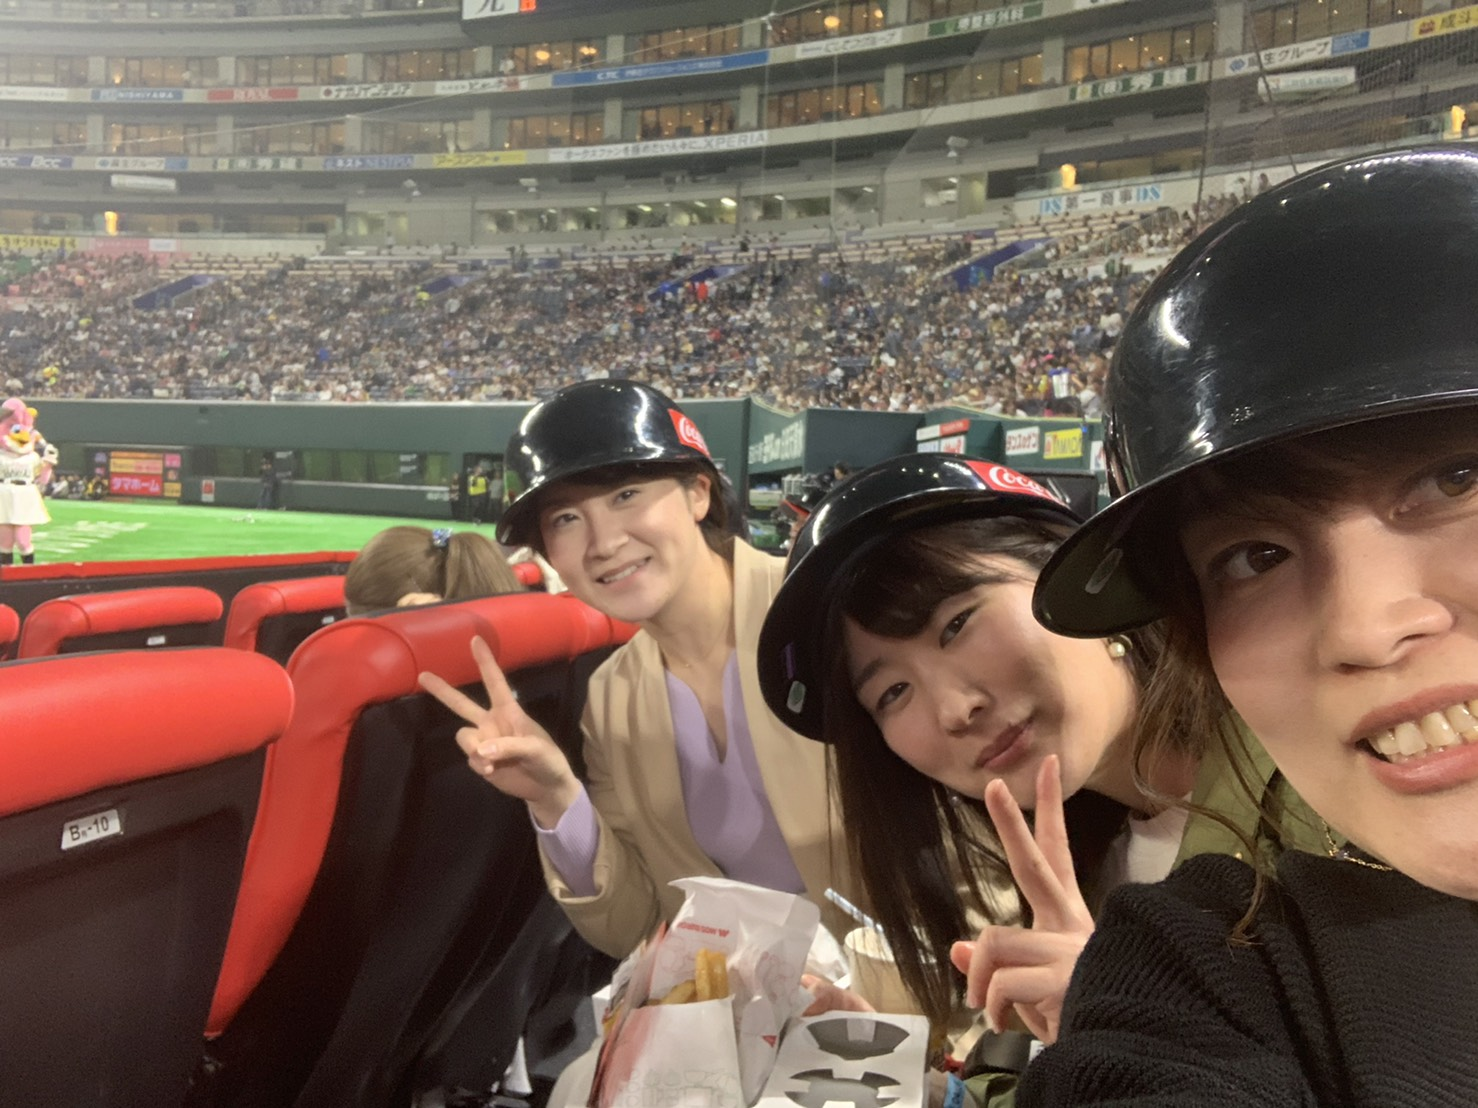 福岡ソフトバンクホークス野球観戦